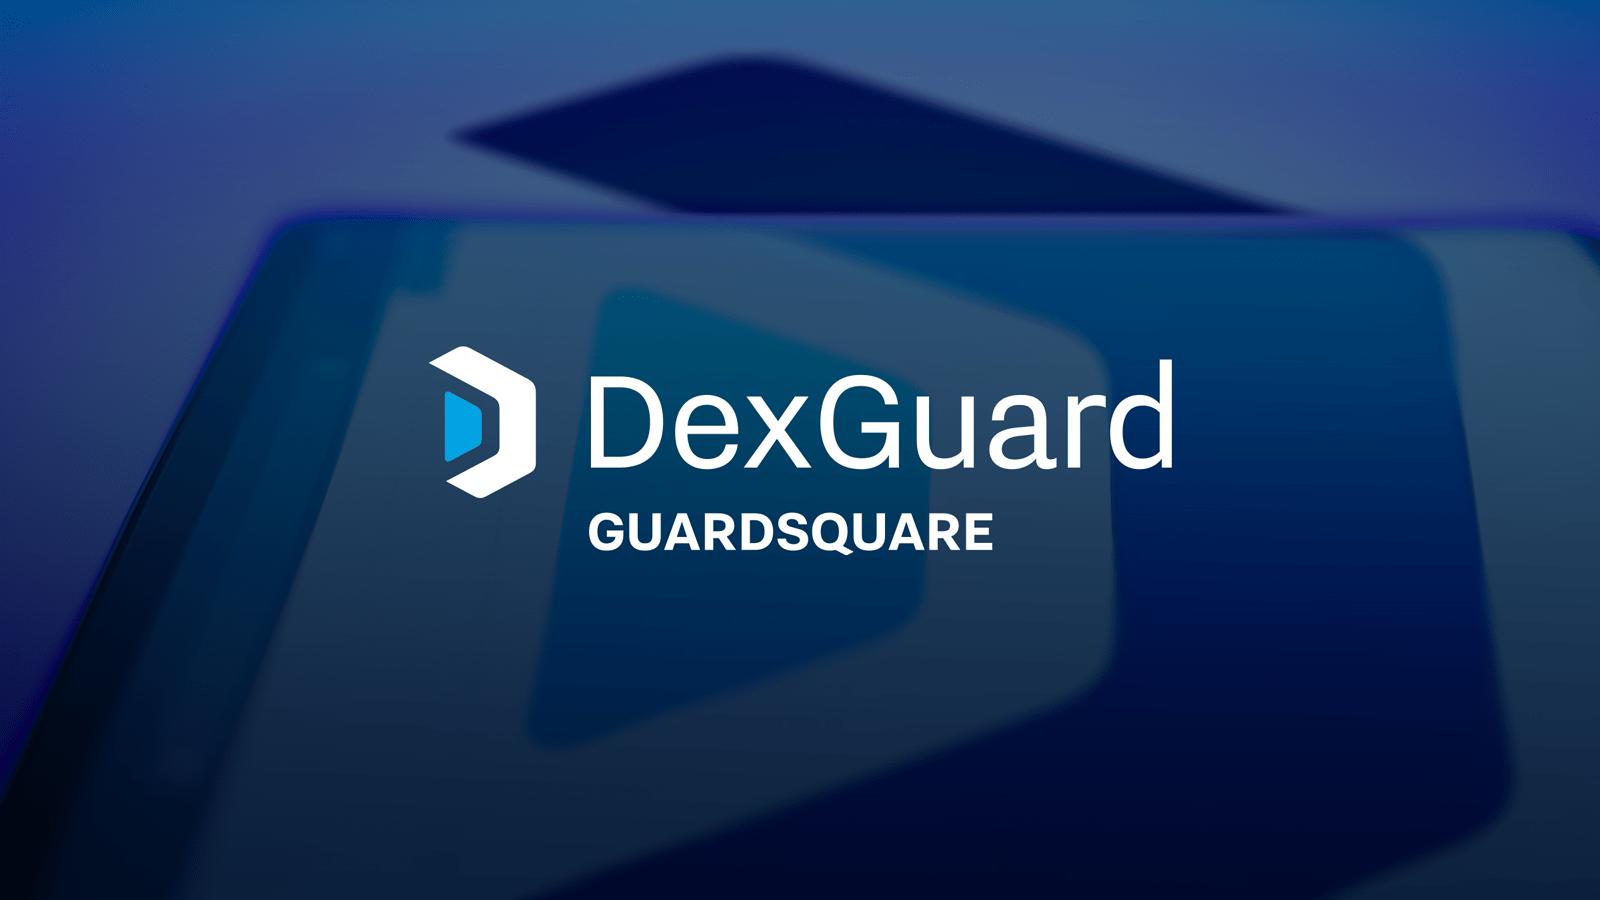 DexGuard-feature